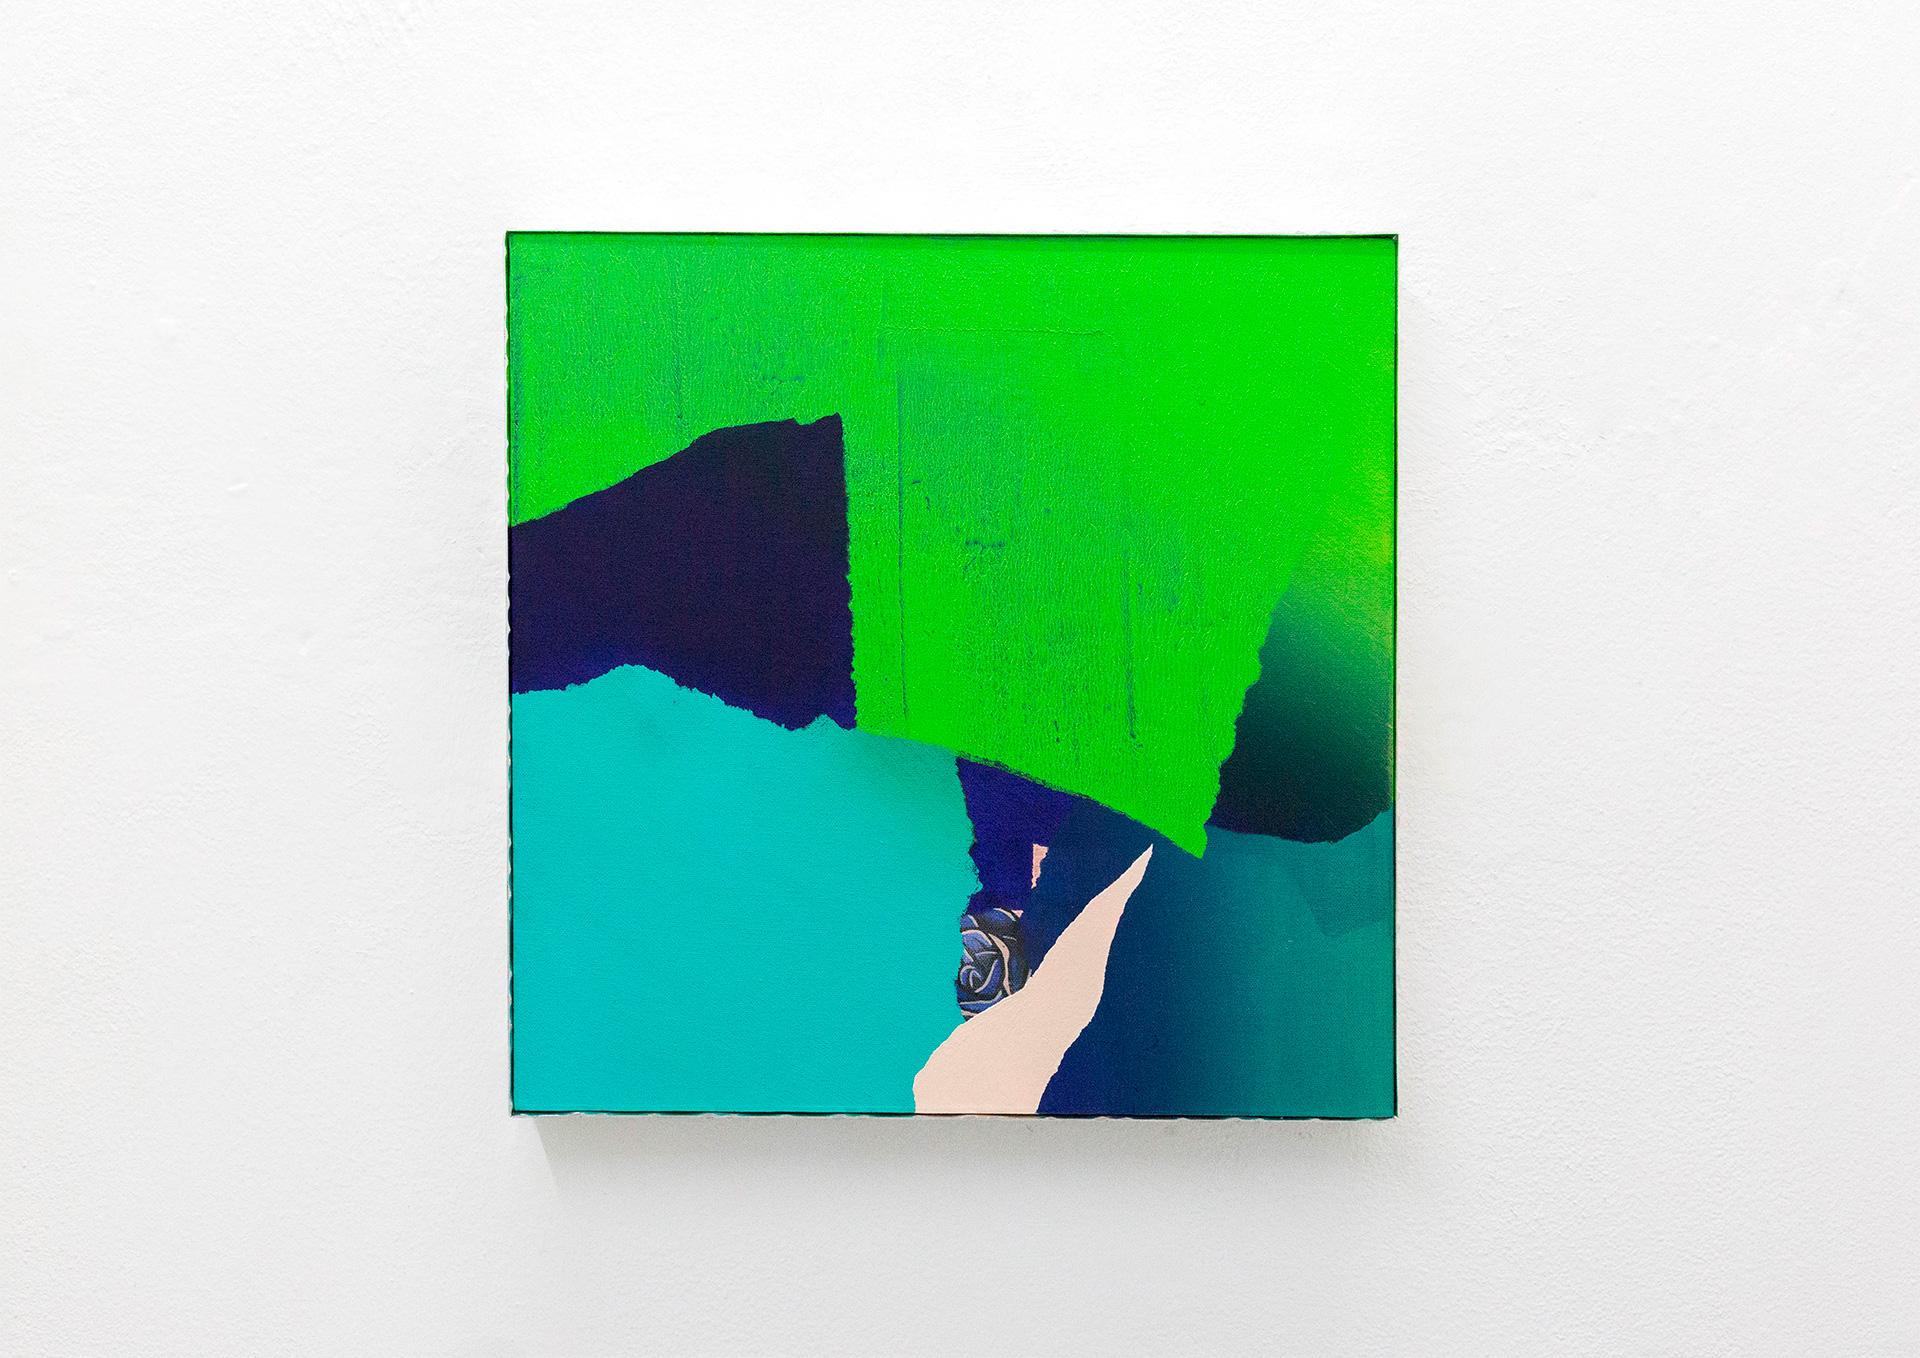 8 Andrea Martinucci - Glory Black Hole, exhibition view, Dimora Artica (ph Andrea Cenetiempo).jpg